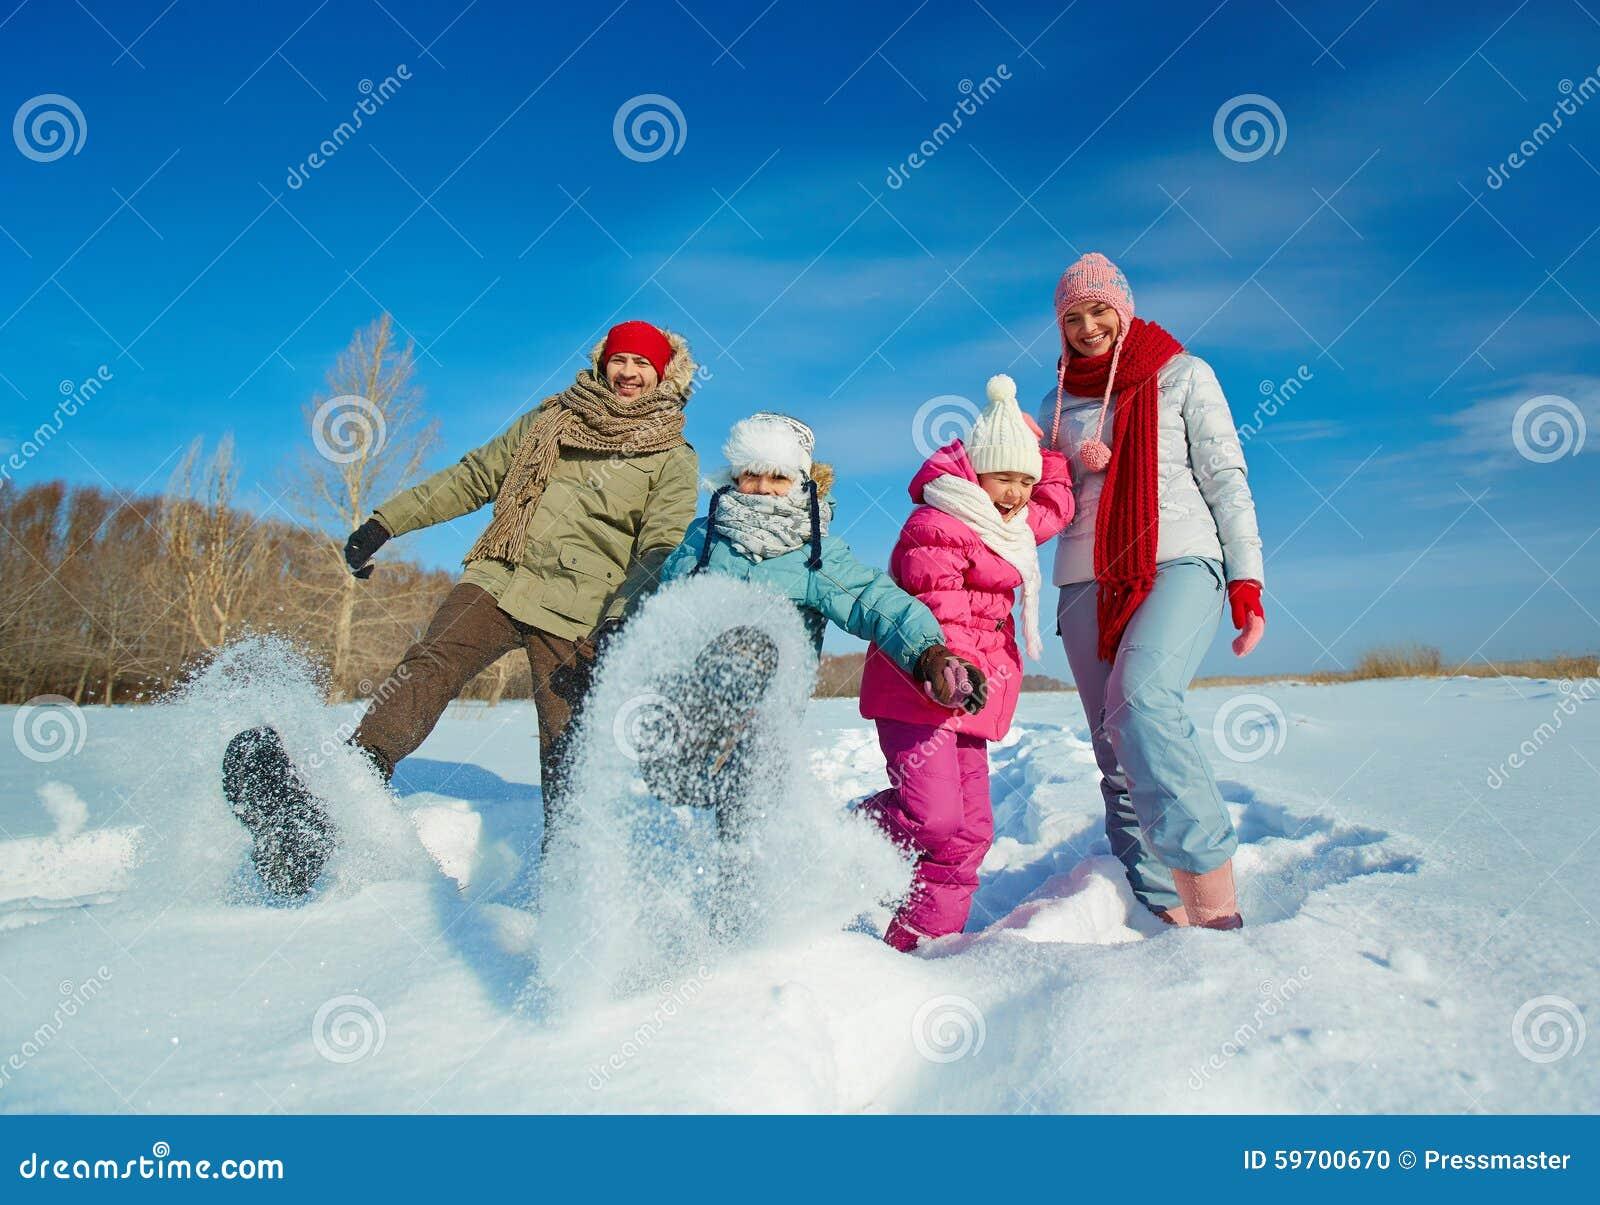 Family in snowdrift